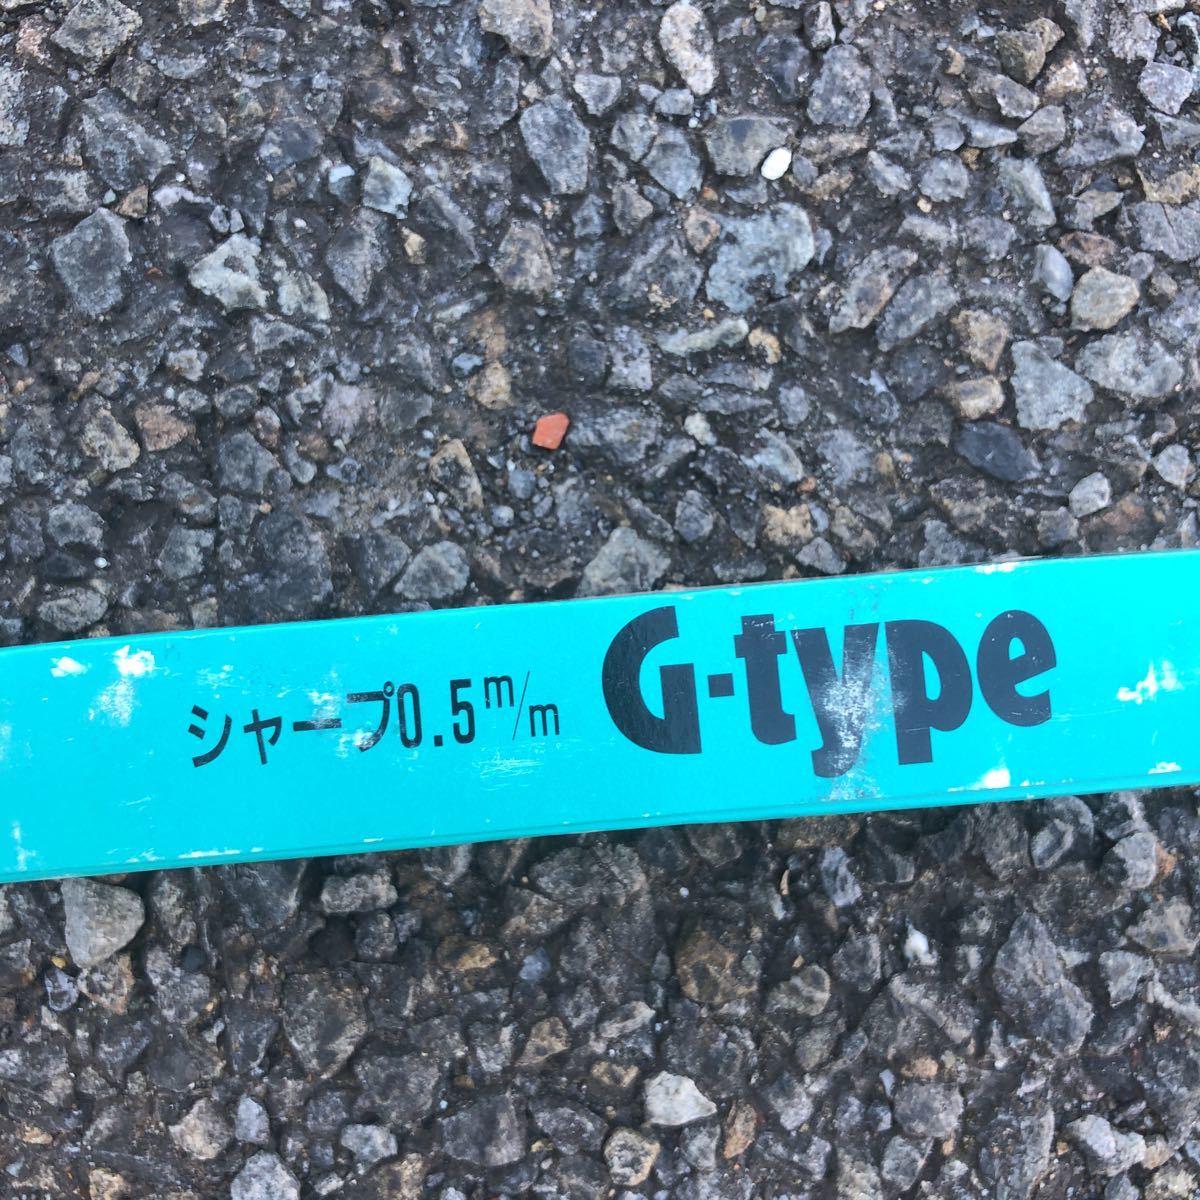 送料無料【未使用】トンボ鉛筆 SH-TG G-type 廃盤 廃番 5本入 デッドストック シャープペンシル 0.5mm 透明グリーン_画像2